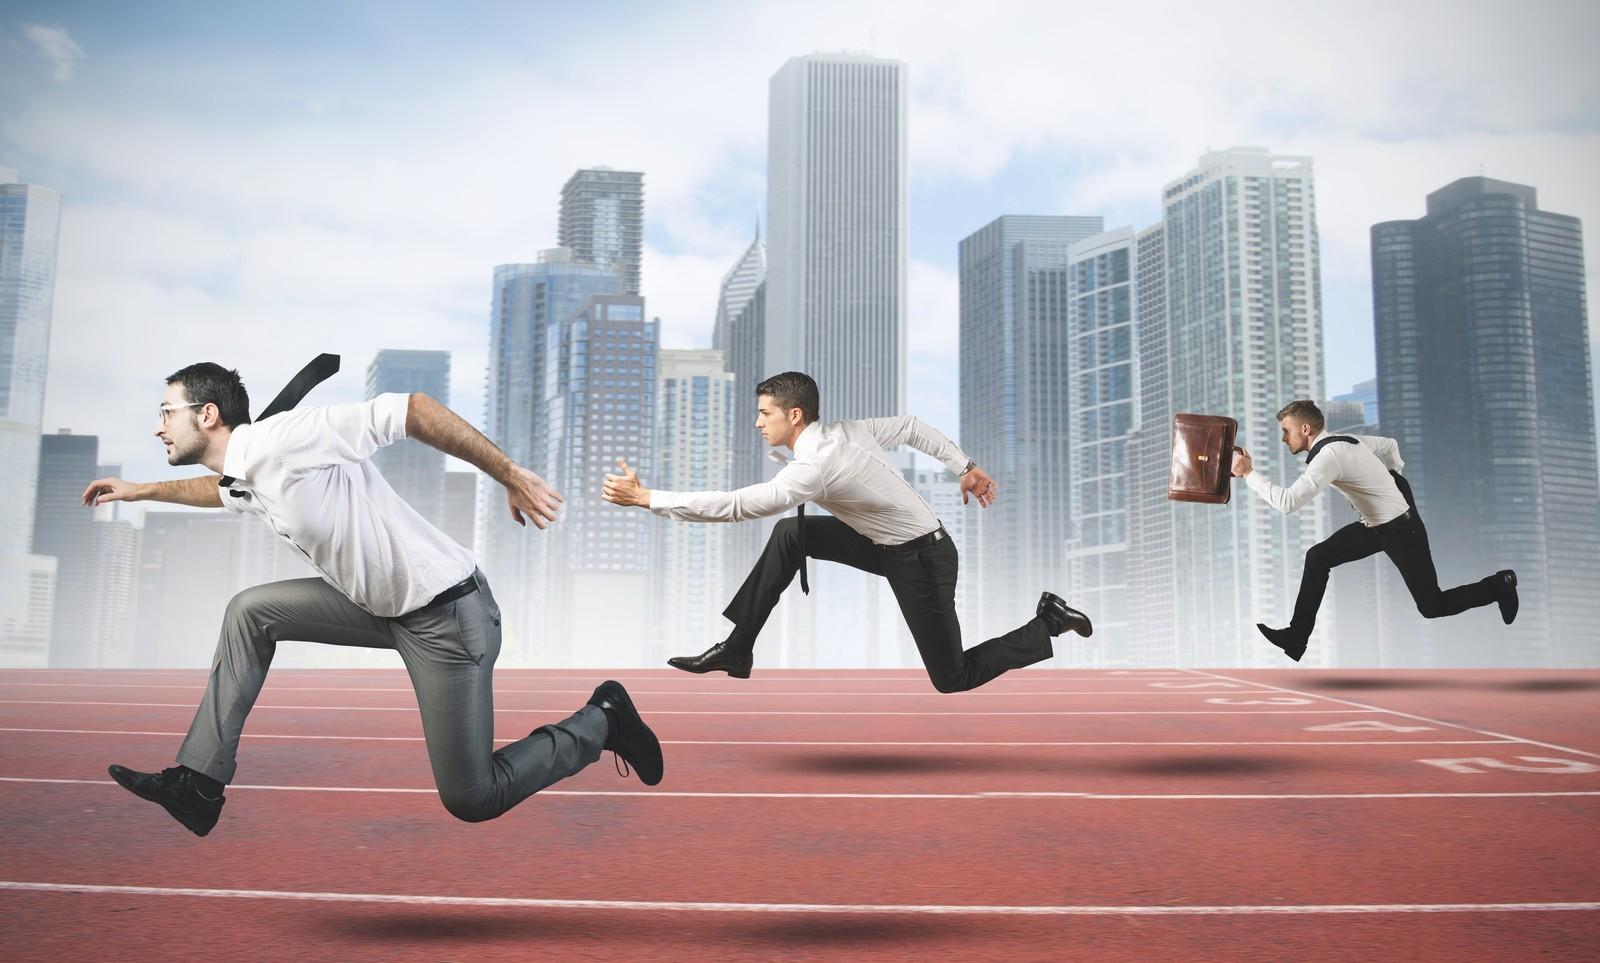 aggressive competitors